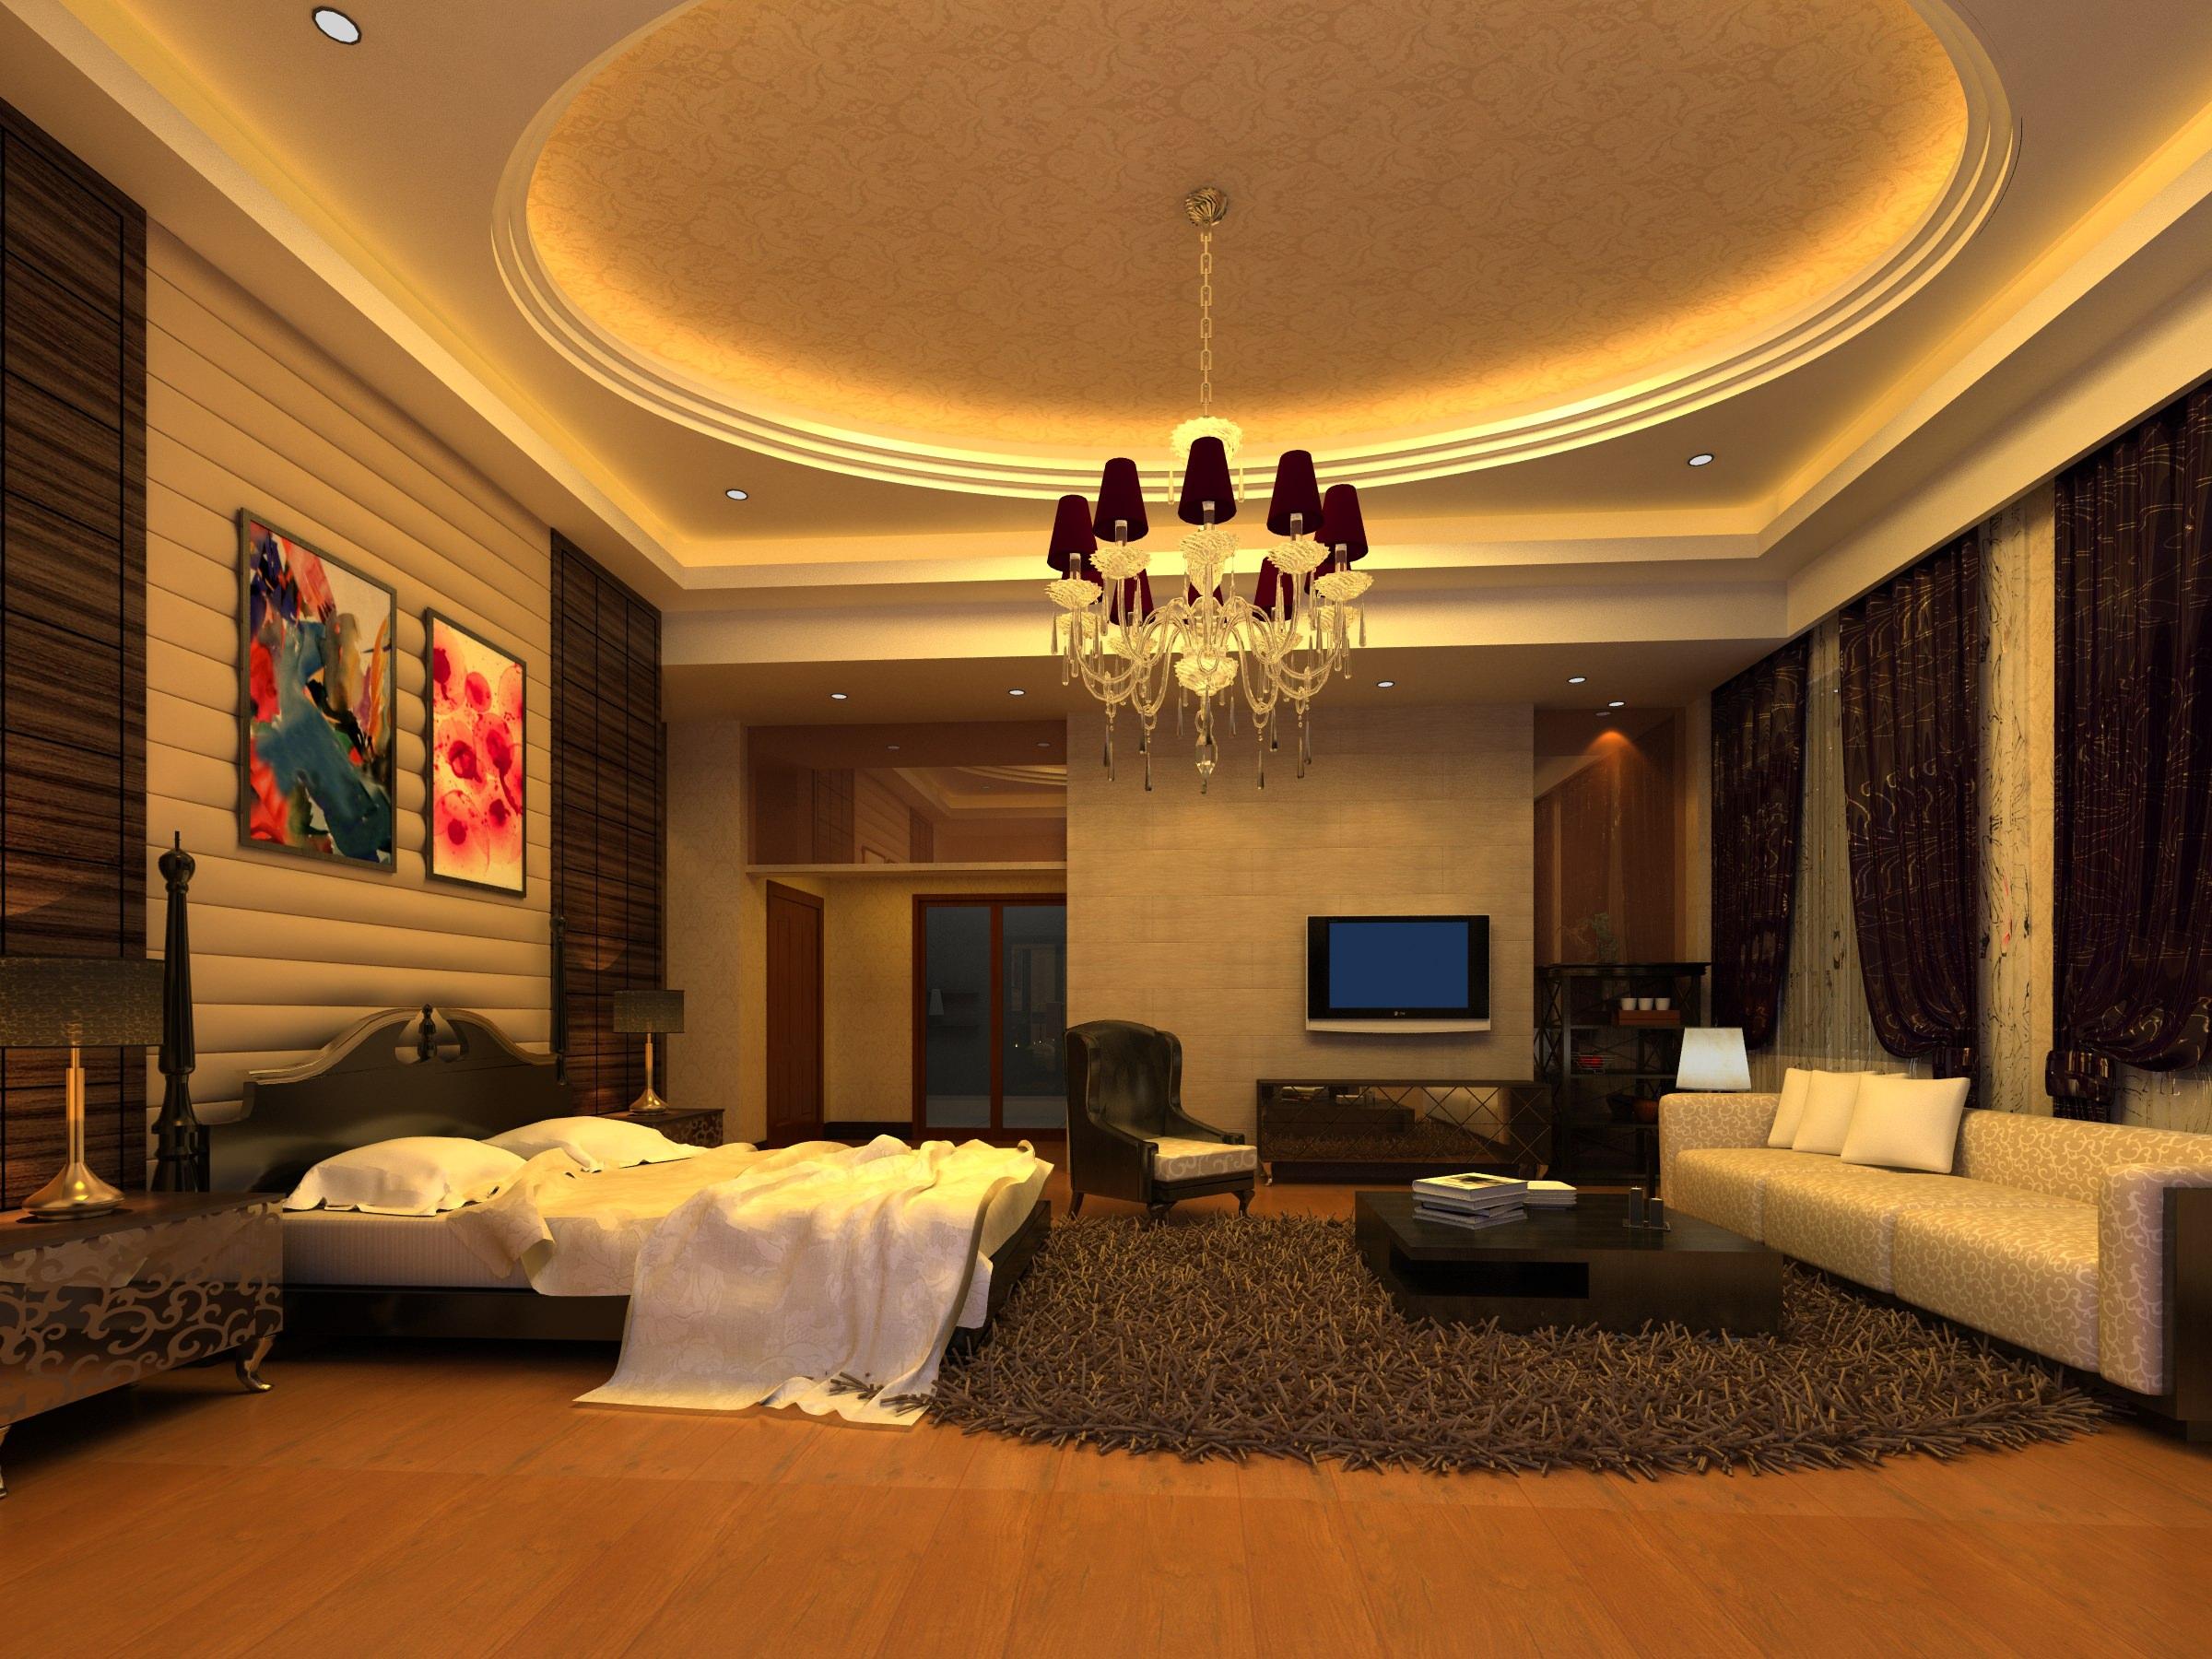 Modern Bedroom Rug: Modern Design Bedroom With Rug 3D Model MAX